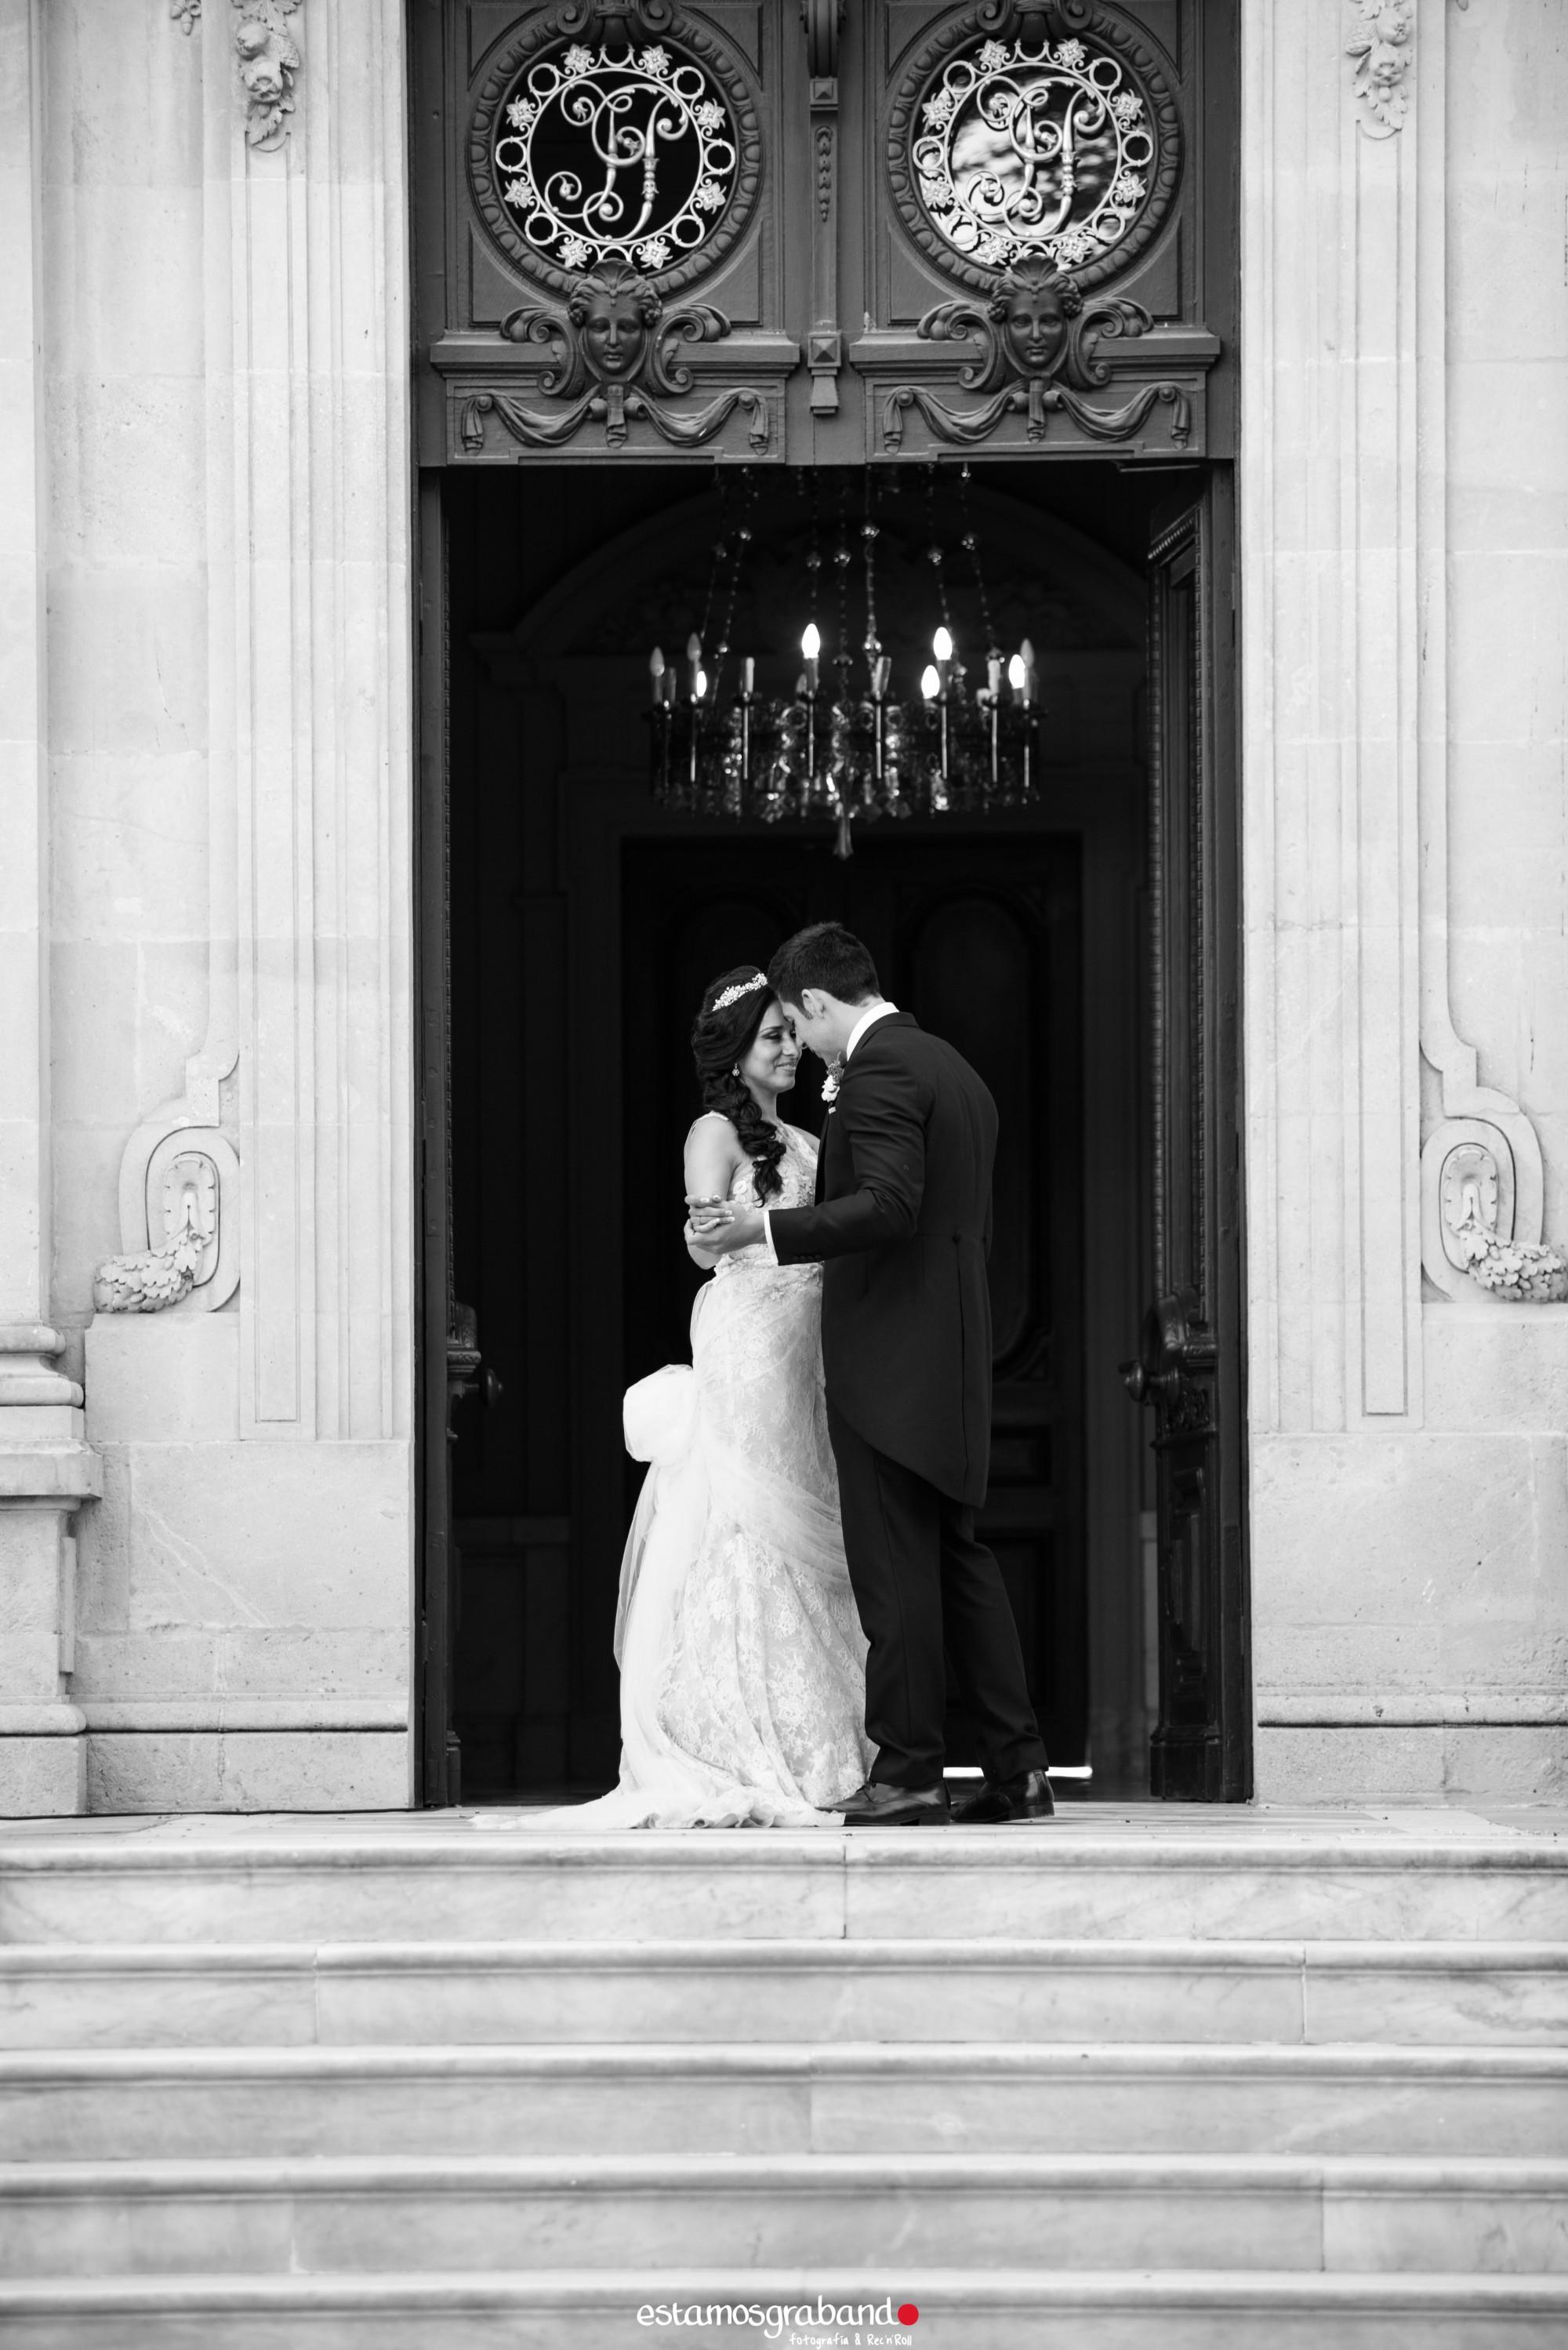 Sonia-y-Dani-491-de-517 Sonia & Dani - video boda cadiz